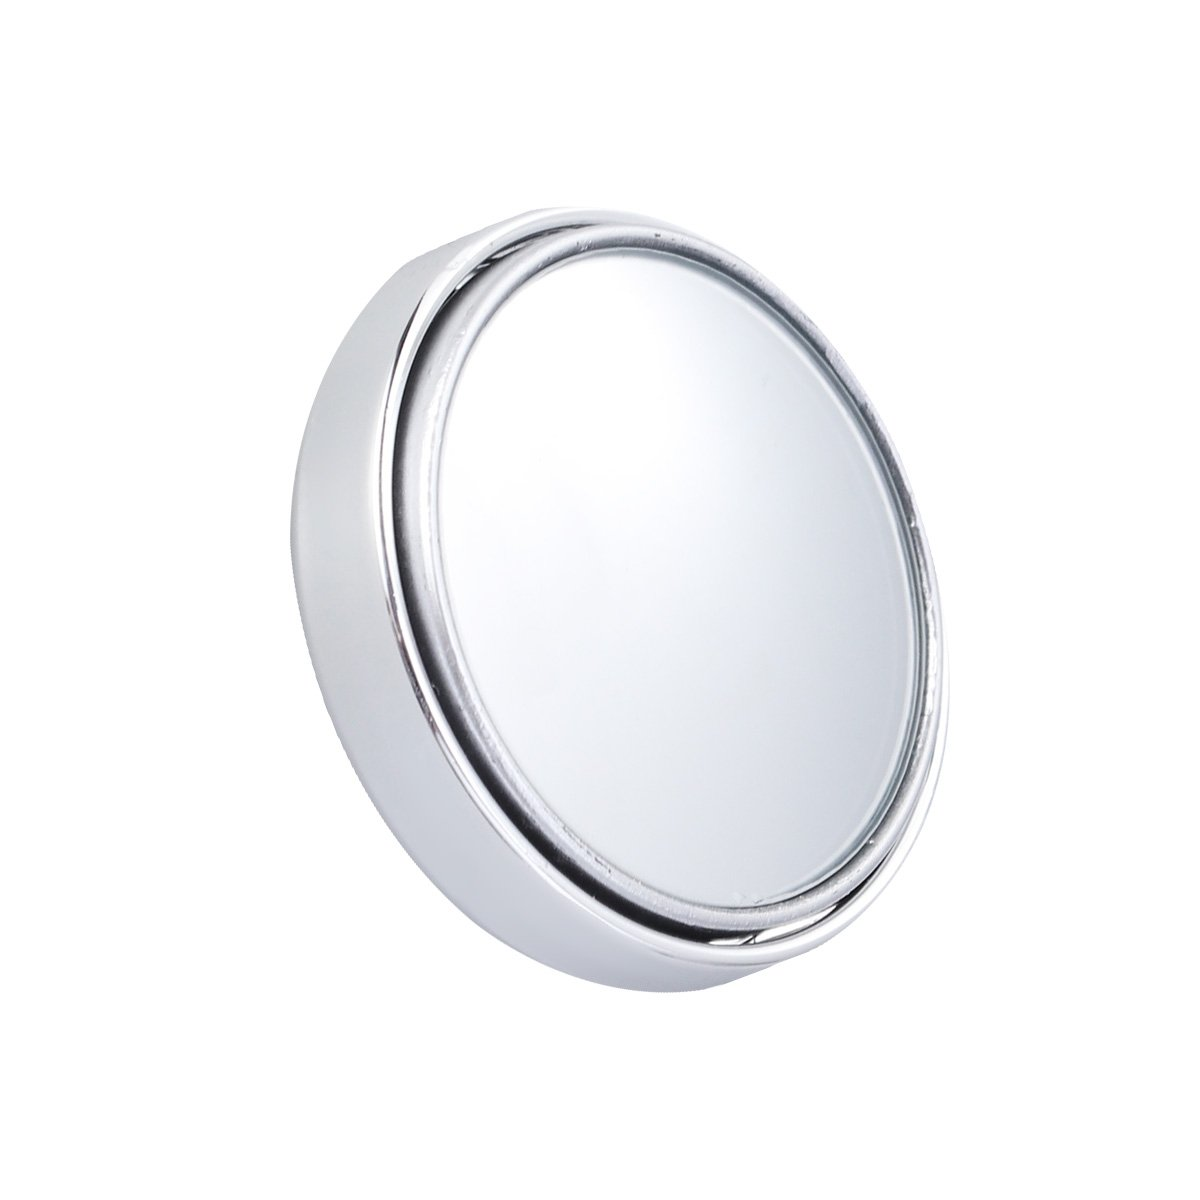 Seitenspiegel Konvex Vosarea Seitenspiegel Rund Weitwinkel 360 Grad